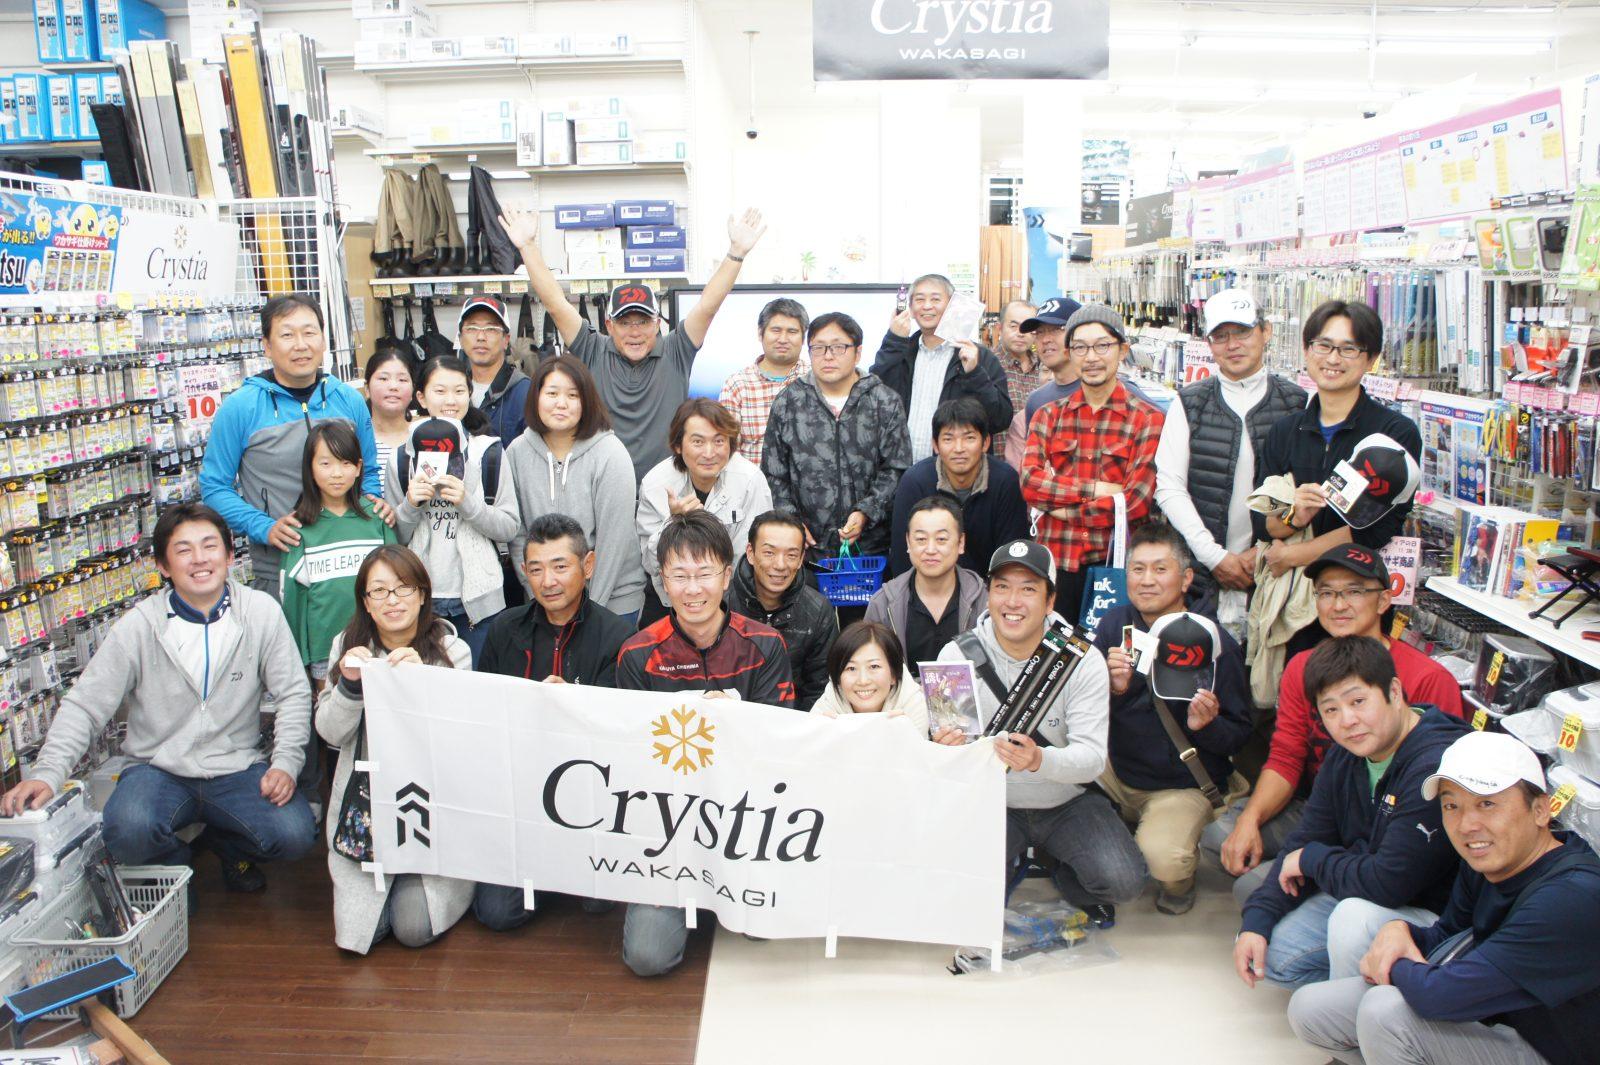 【報告】2018年11月3日(土)クリスティアの日 千島克也氏来店